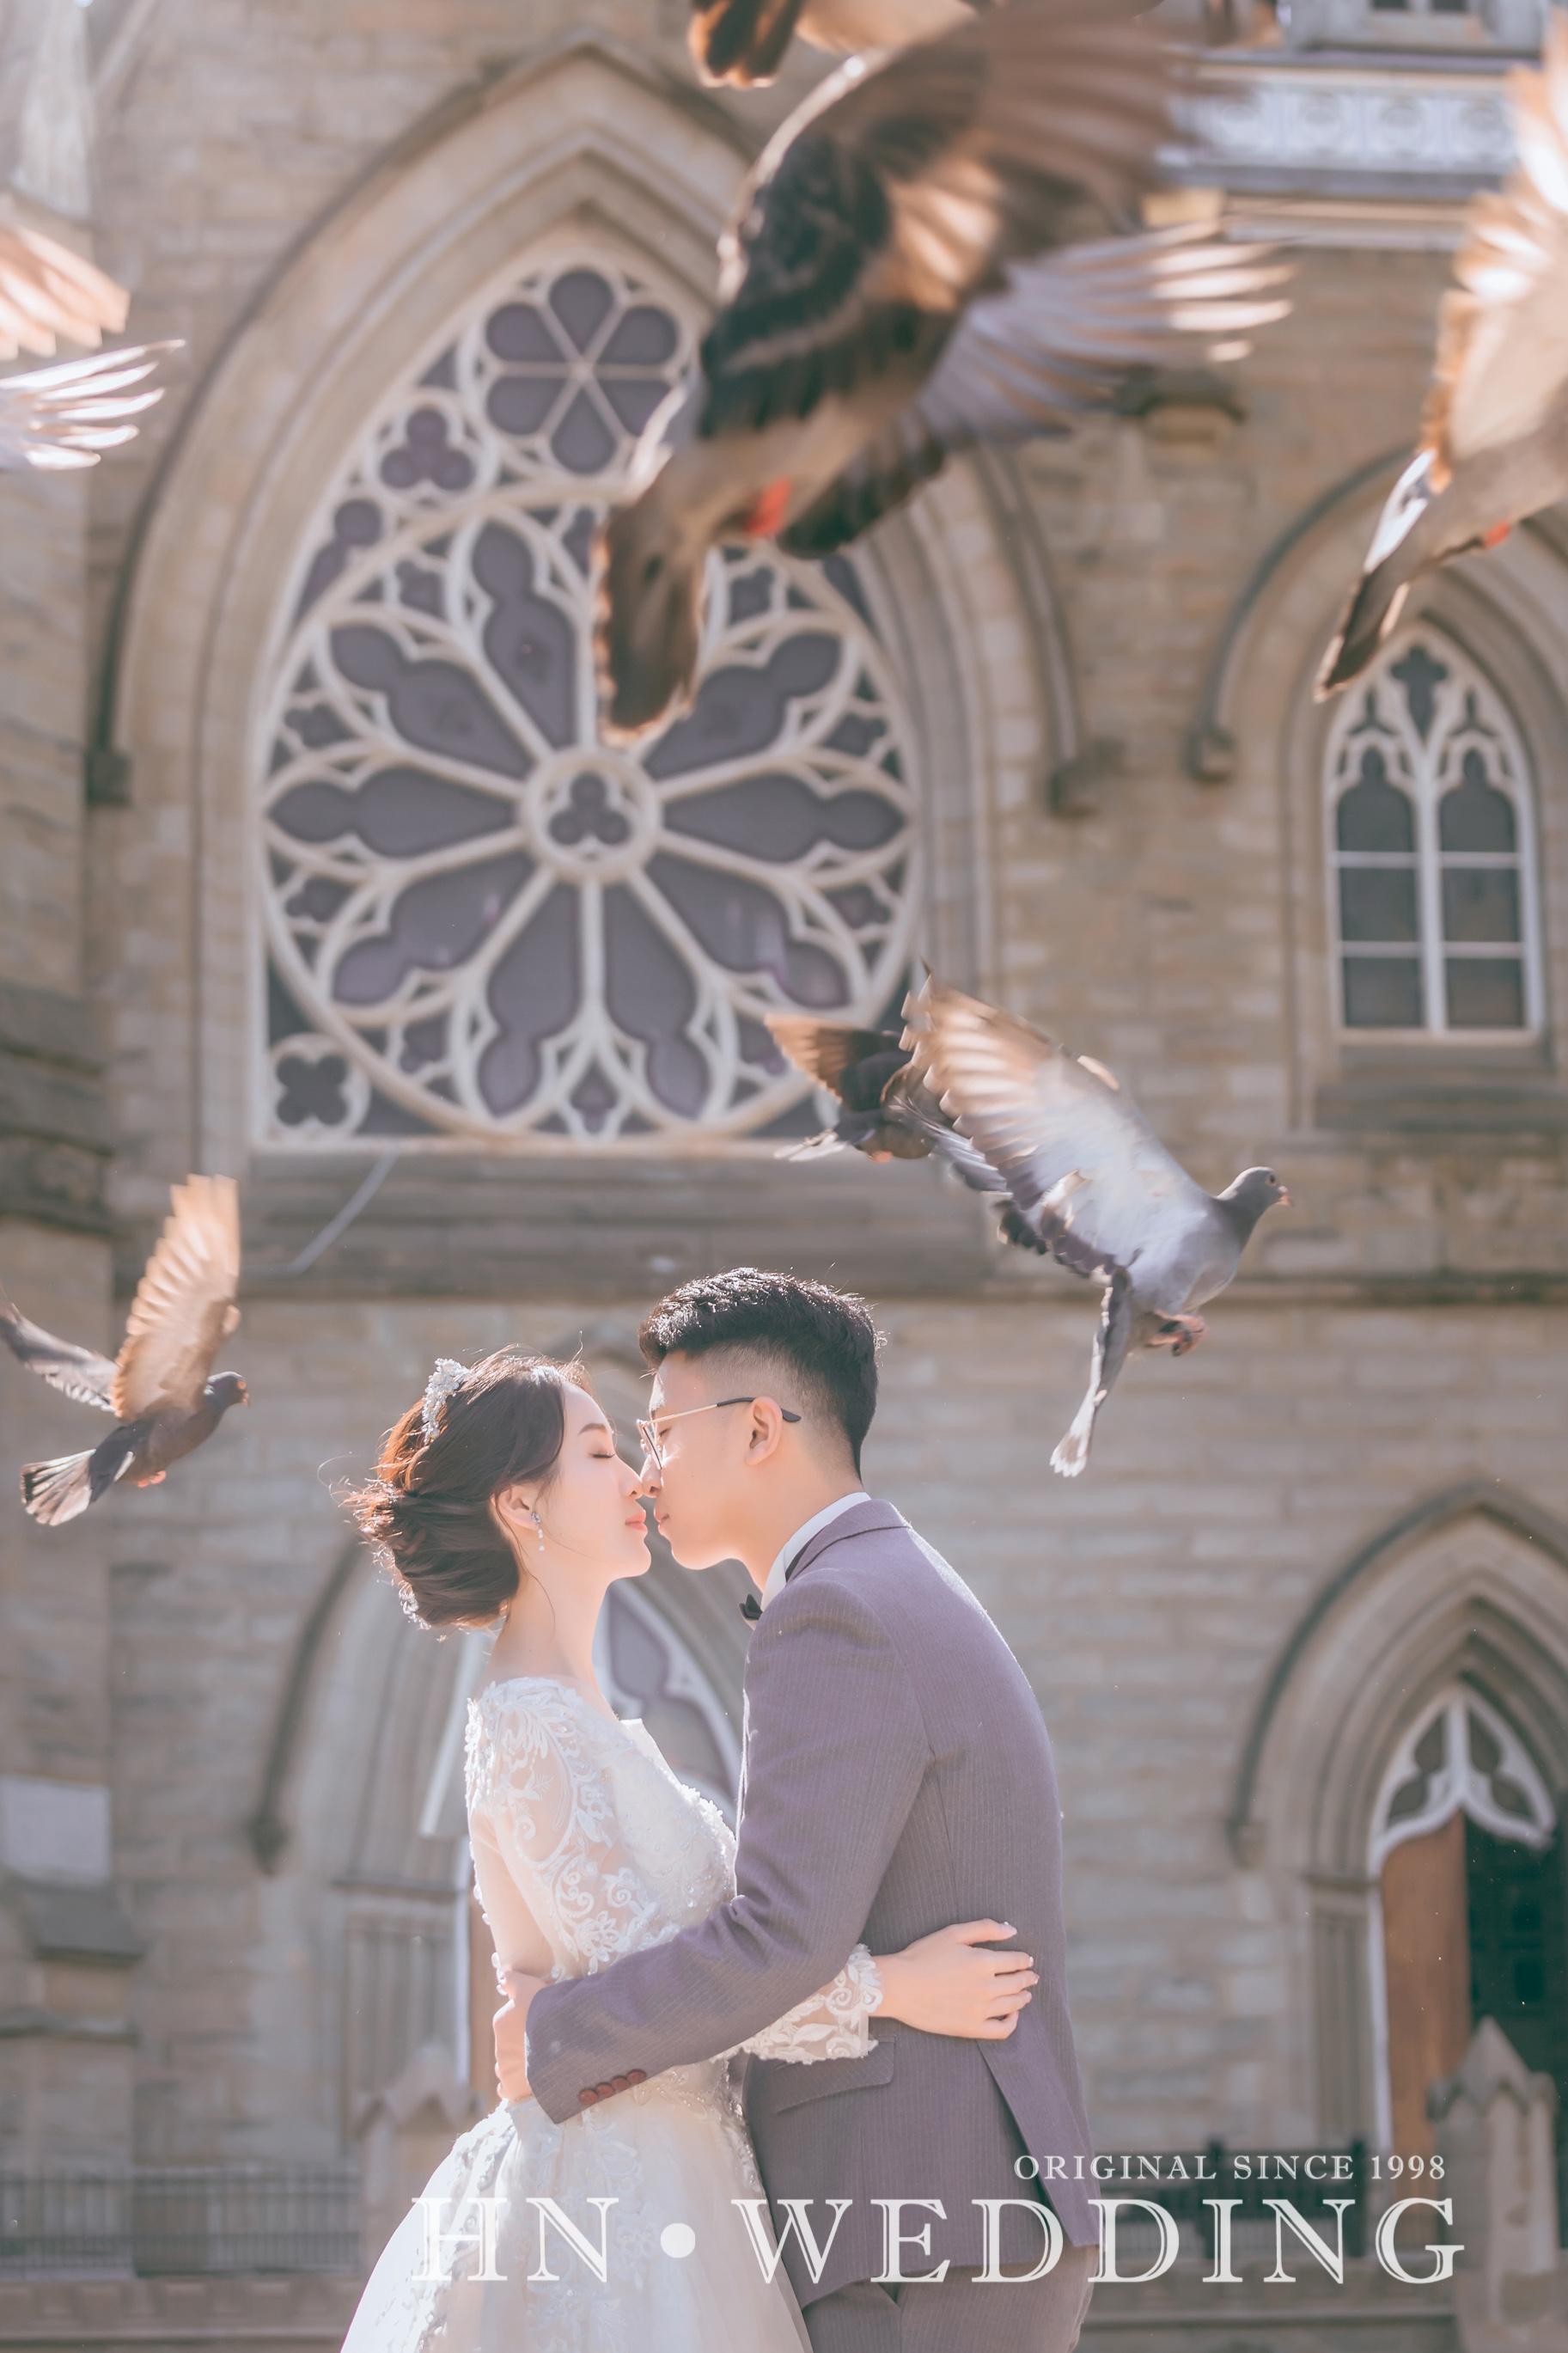 hnweddingprewedding0905--9.jpg